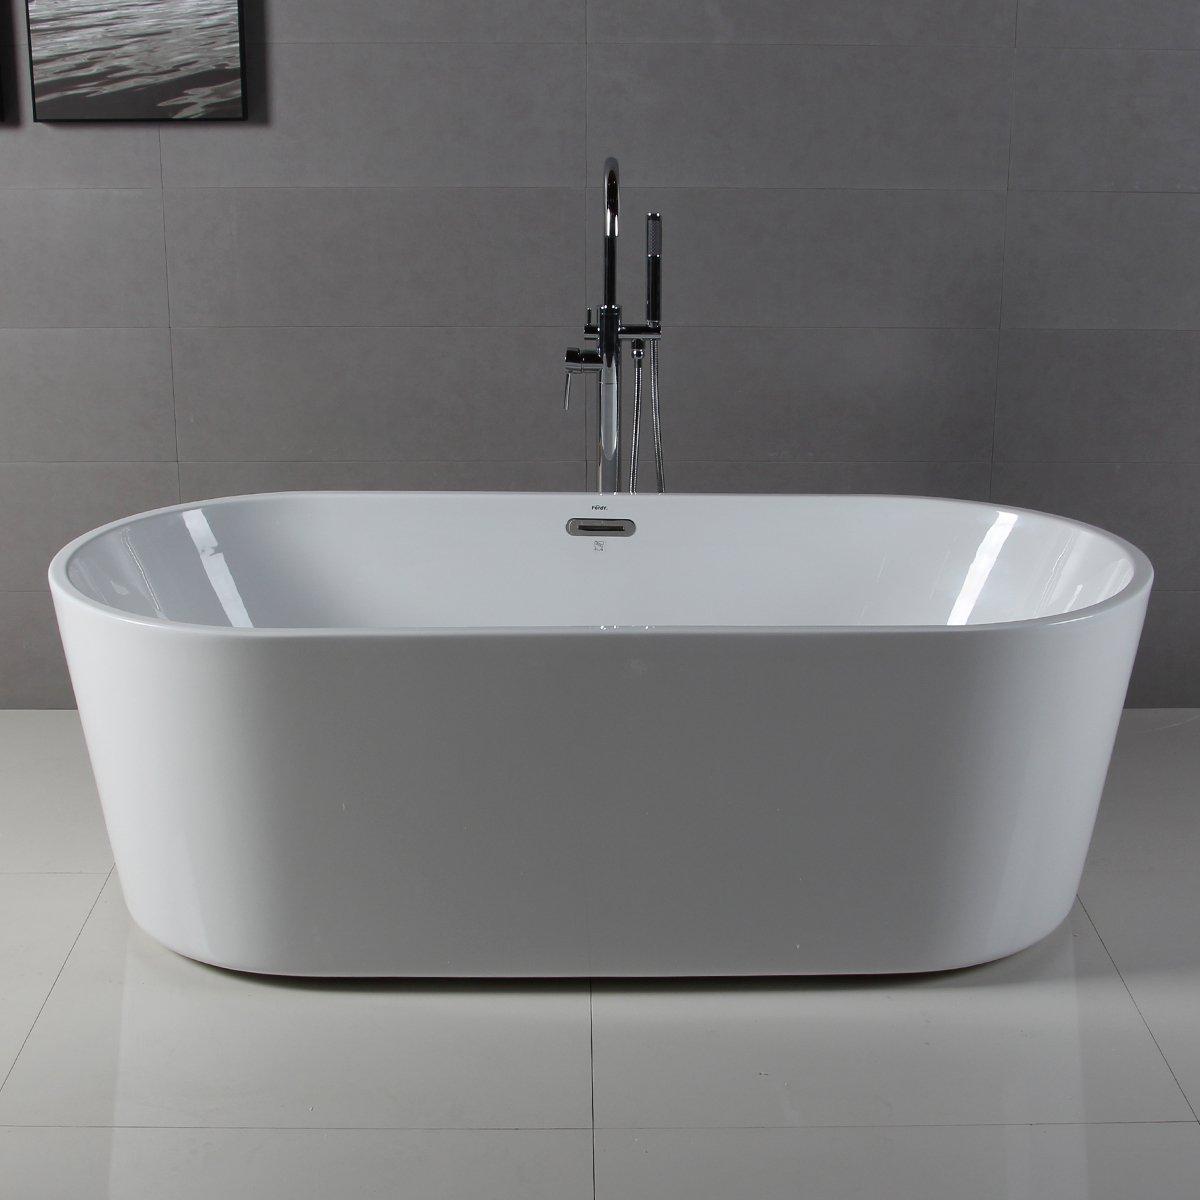 FerdY 67u0027u0027 Acrylic Stand Alone Bathtub , White Modern Freestanding Bathtub  Soaking Bathtub,